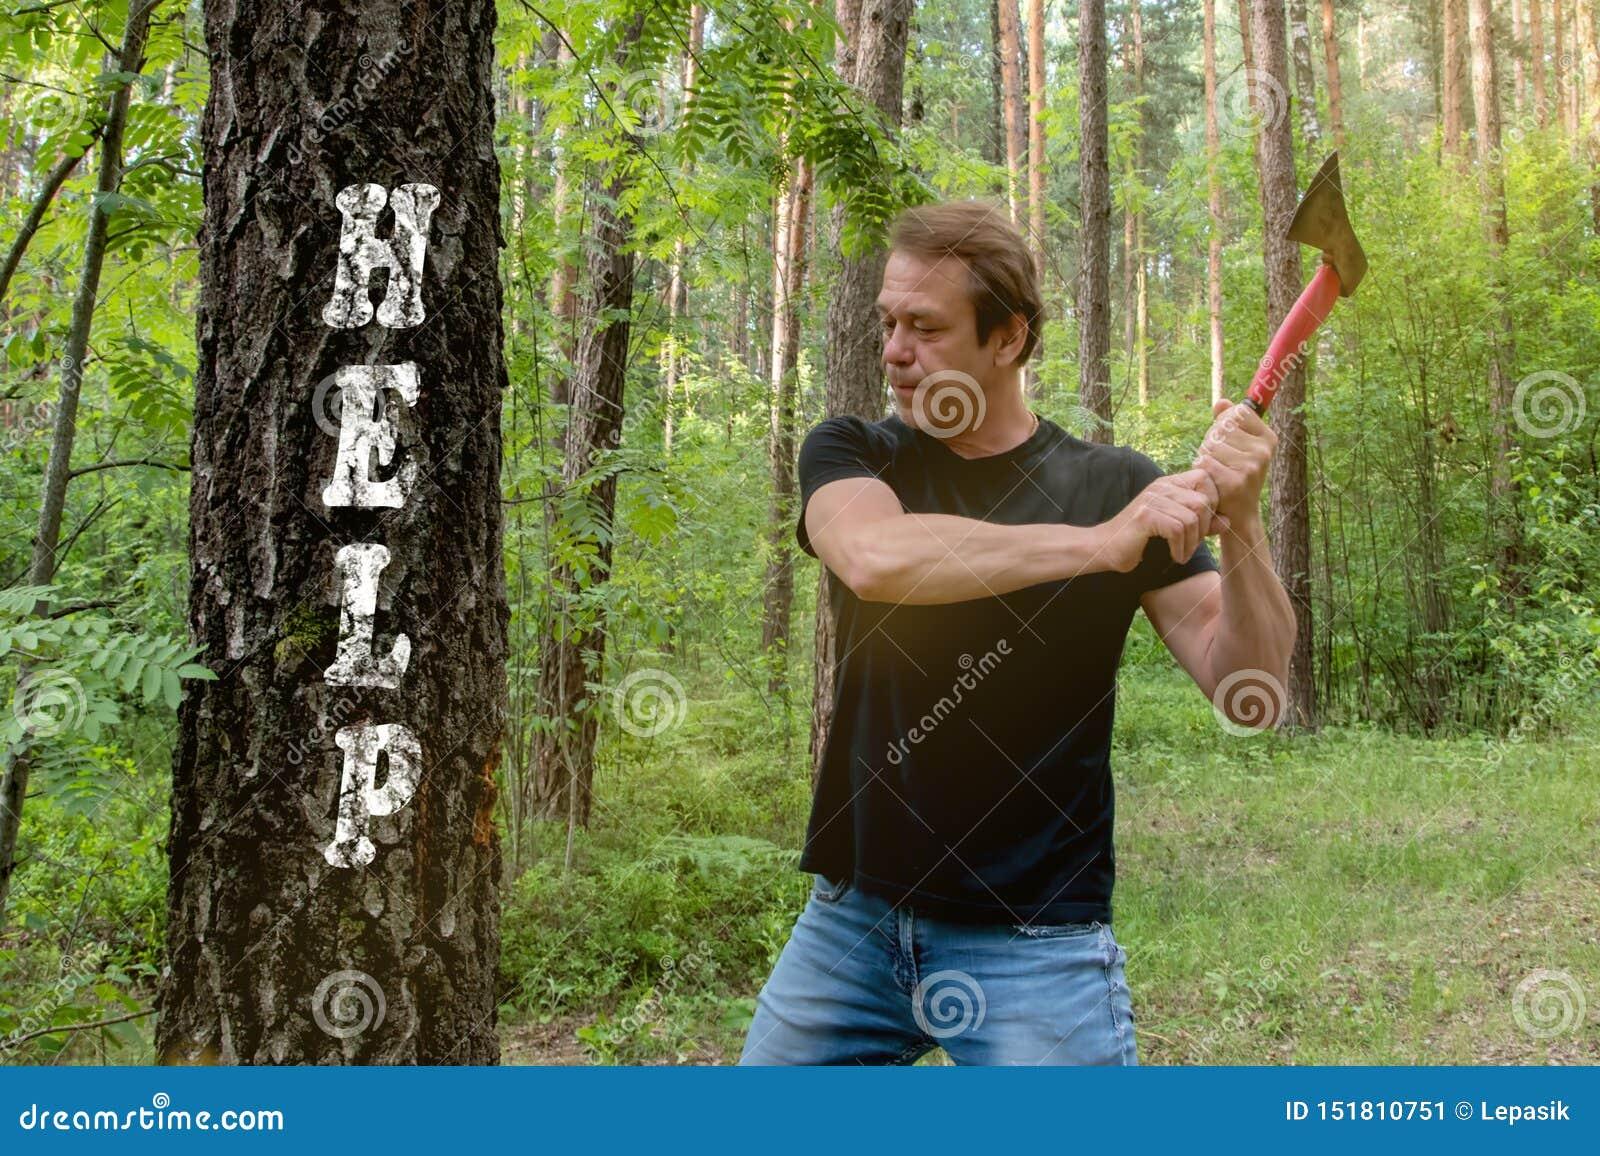 Holzfäller schneidet Holz mit einer Axt, der Baum erscheint die Aufschrift: Hilfe, SONNIGER SOMMER-TAG